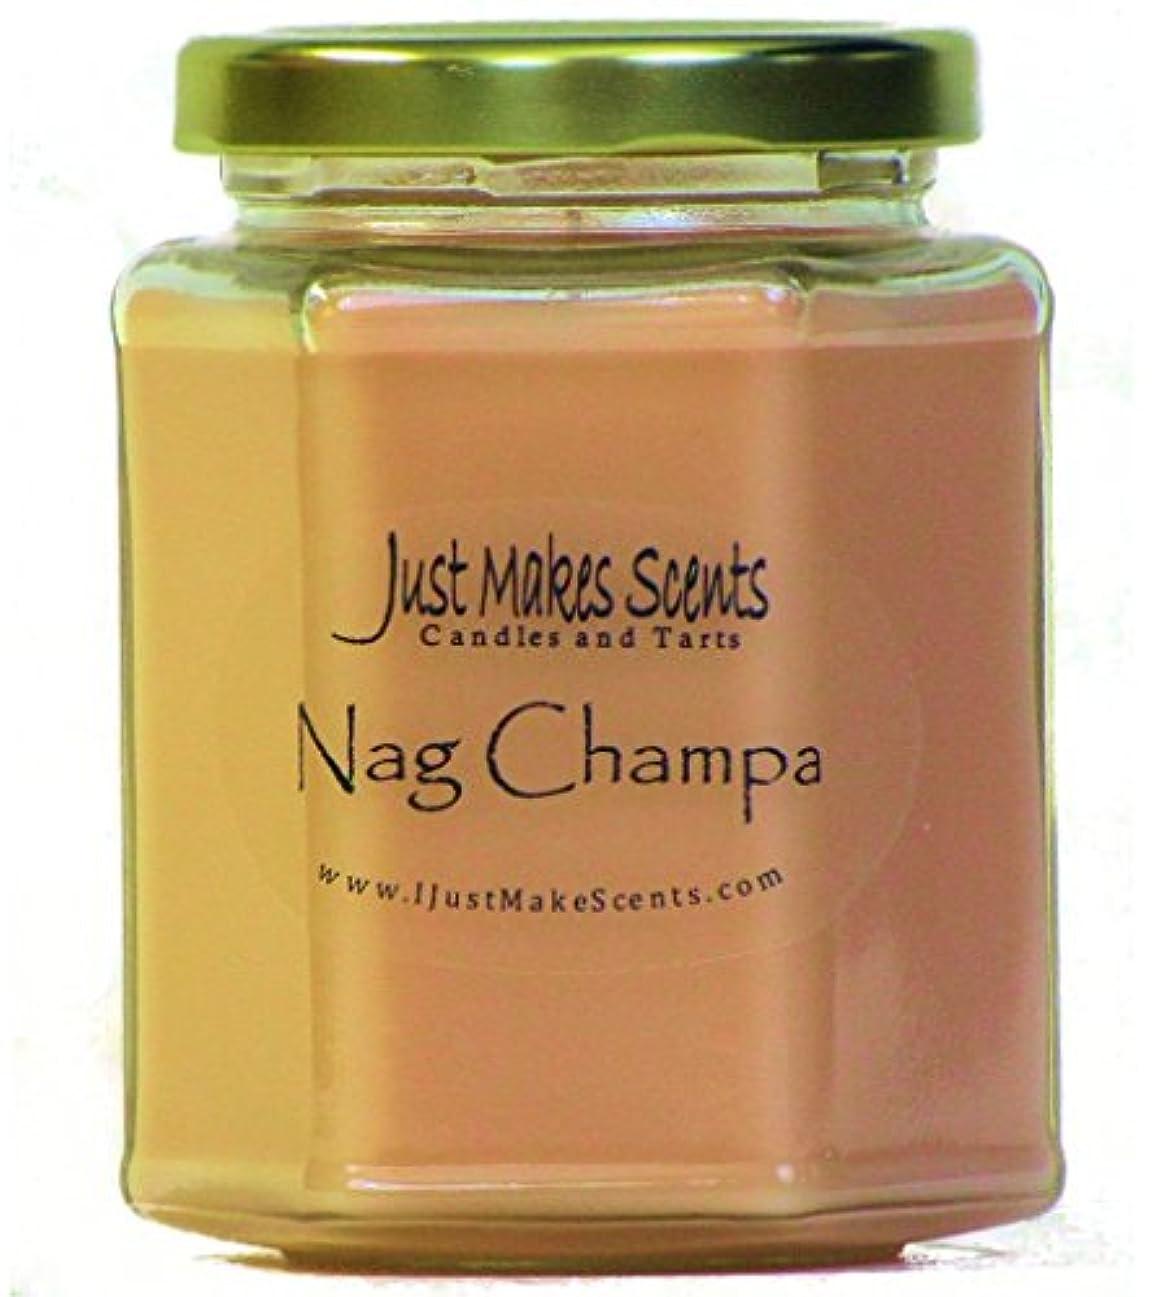 曲債務者仲人Nag Champa香りつきBlended Soy Candle by Just Makes Scents